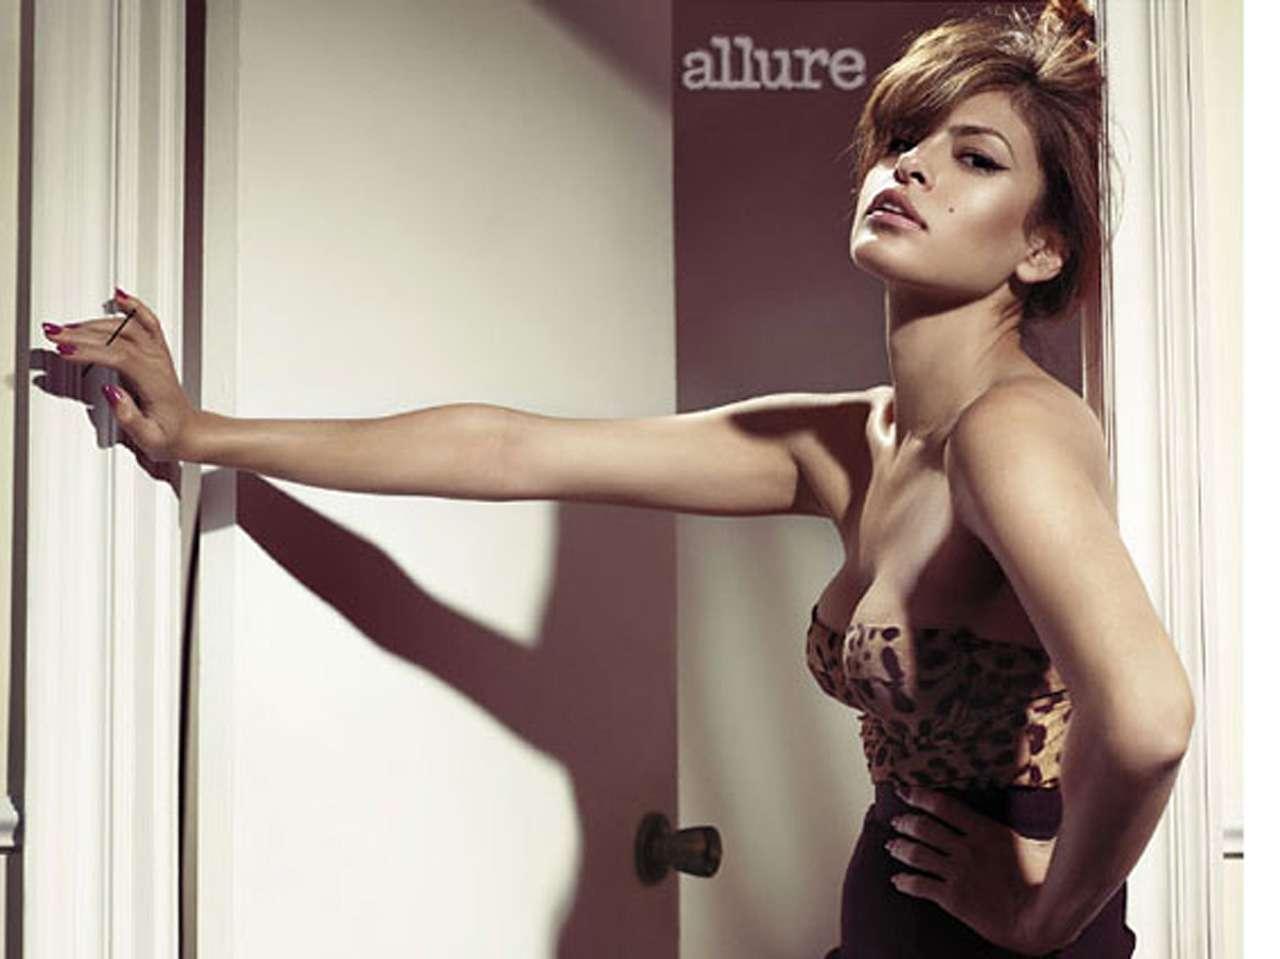 Eva Mendes Foto: Allure